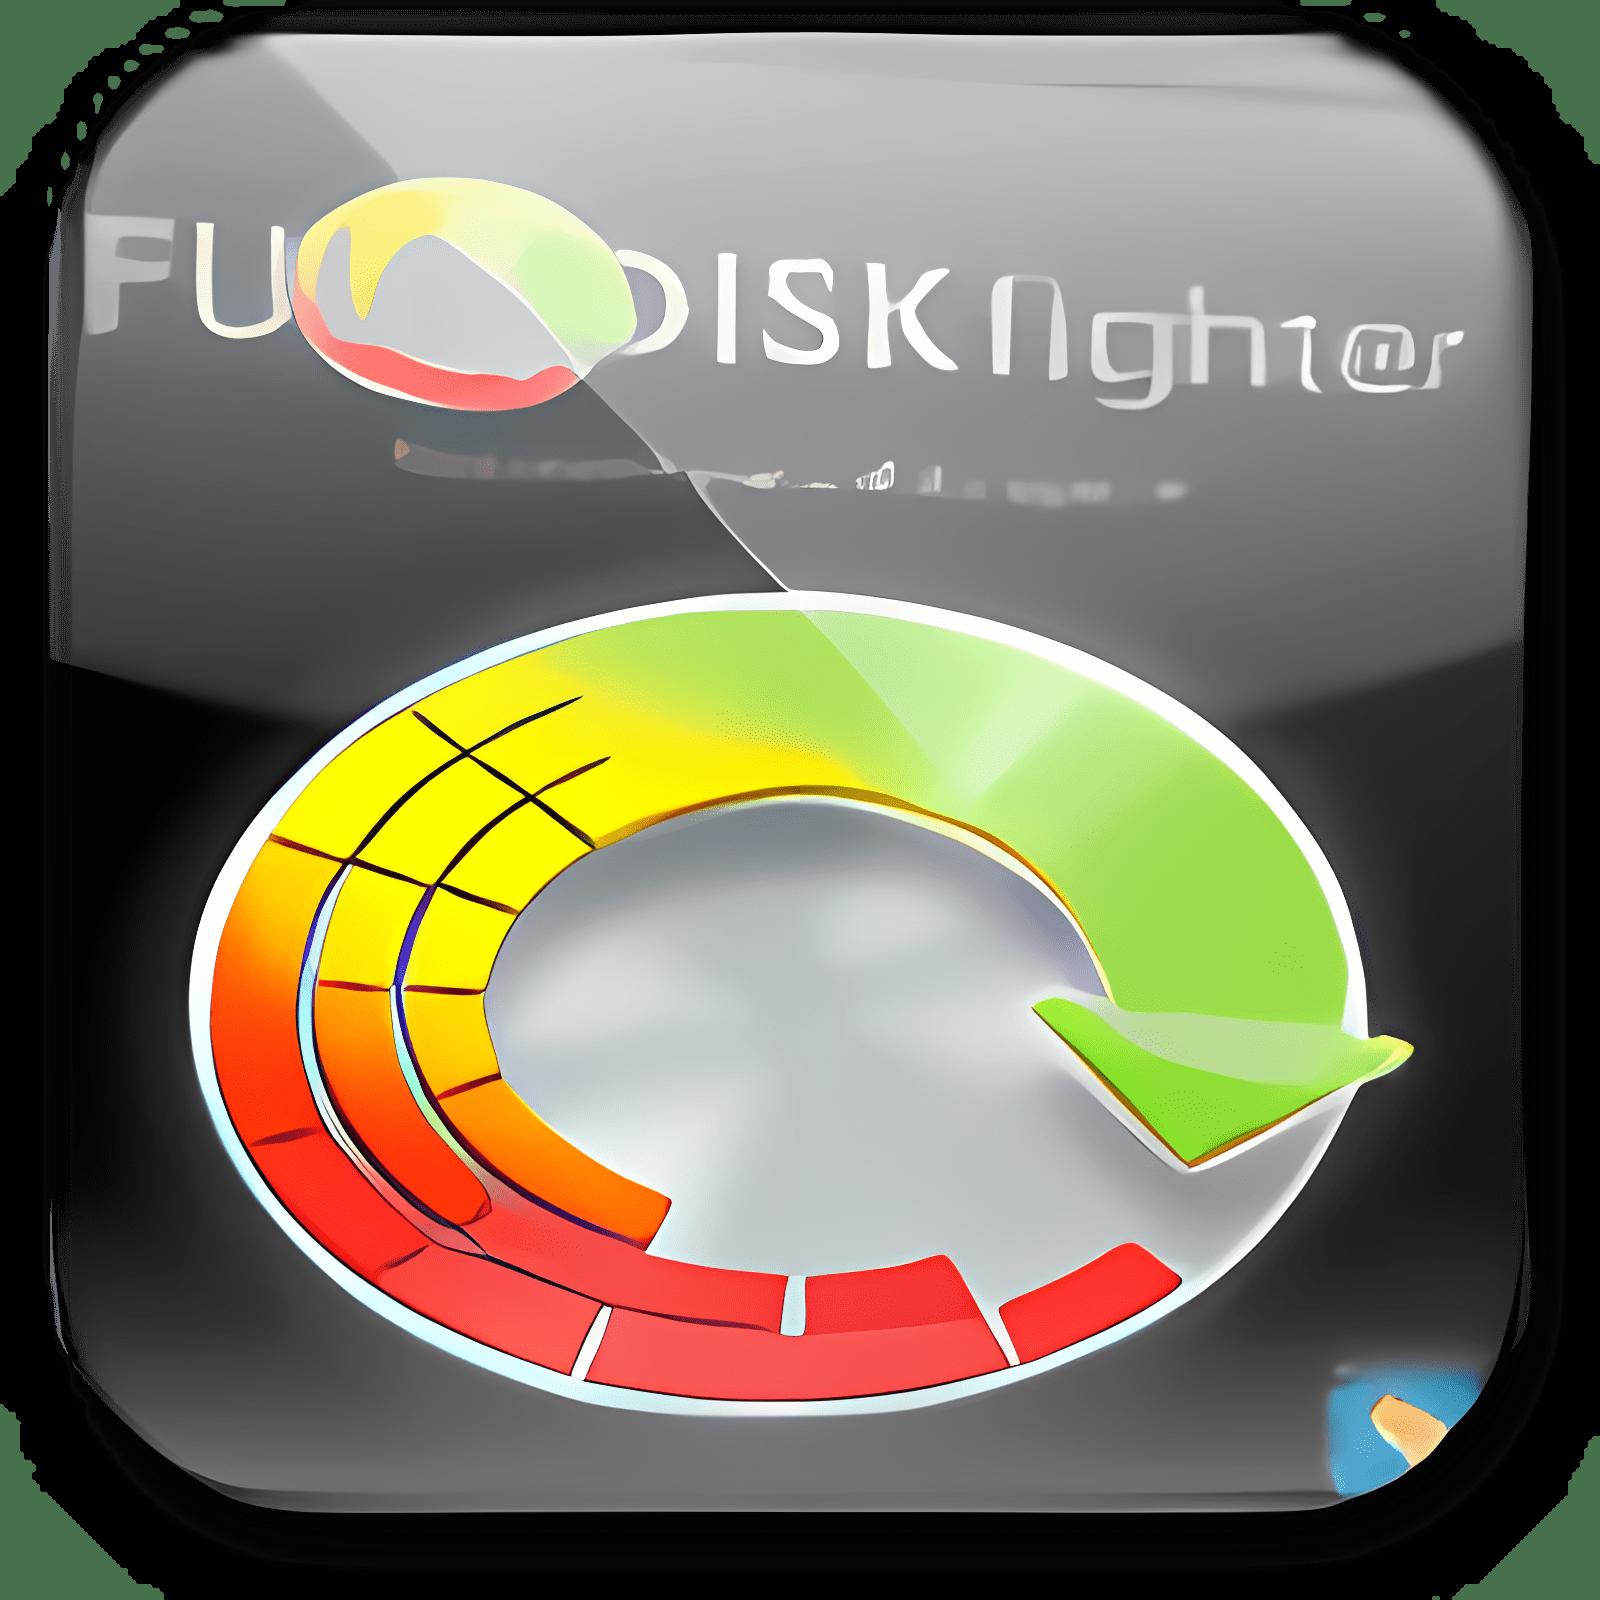 FULL-DISKfighter